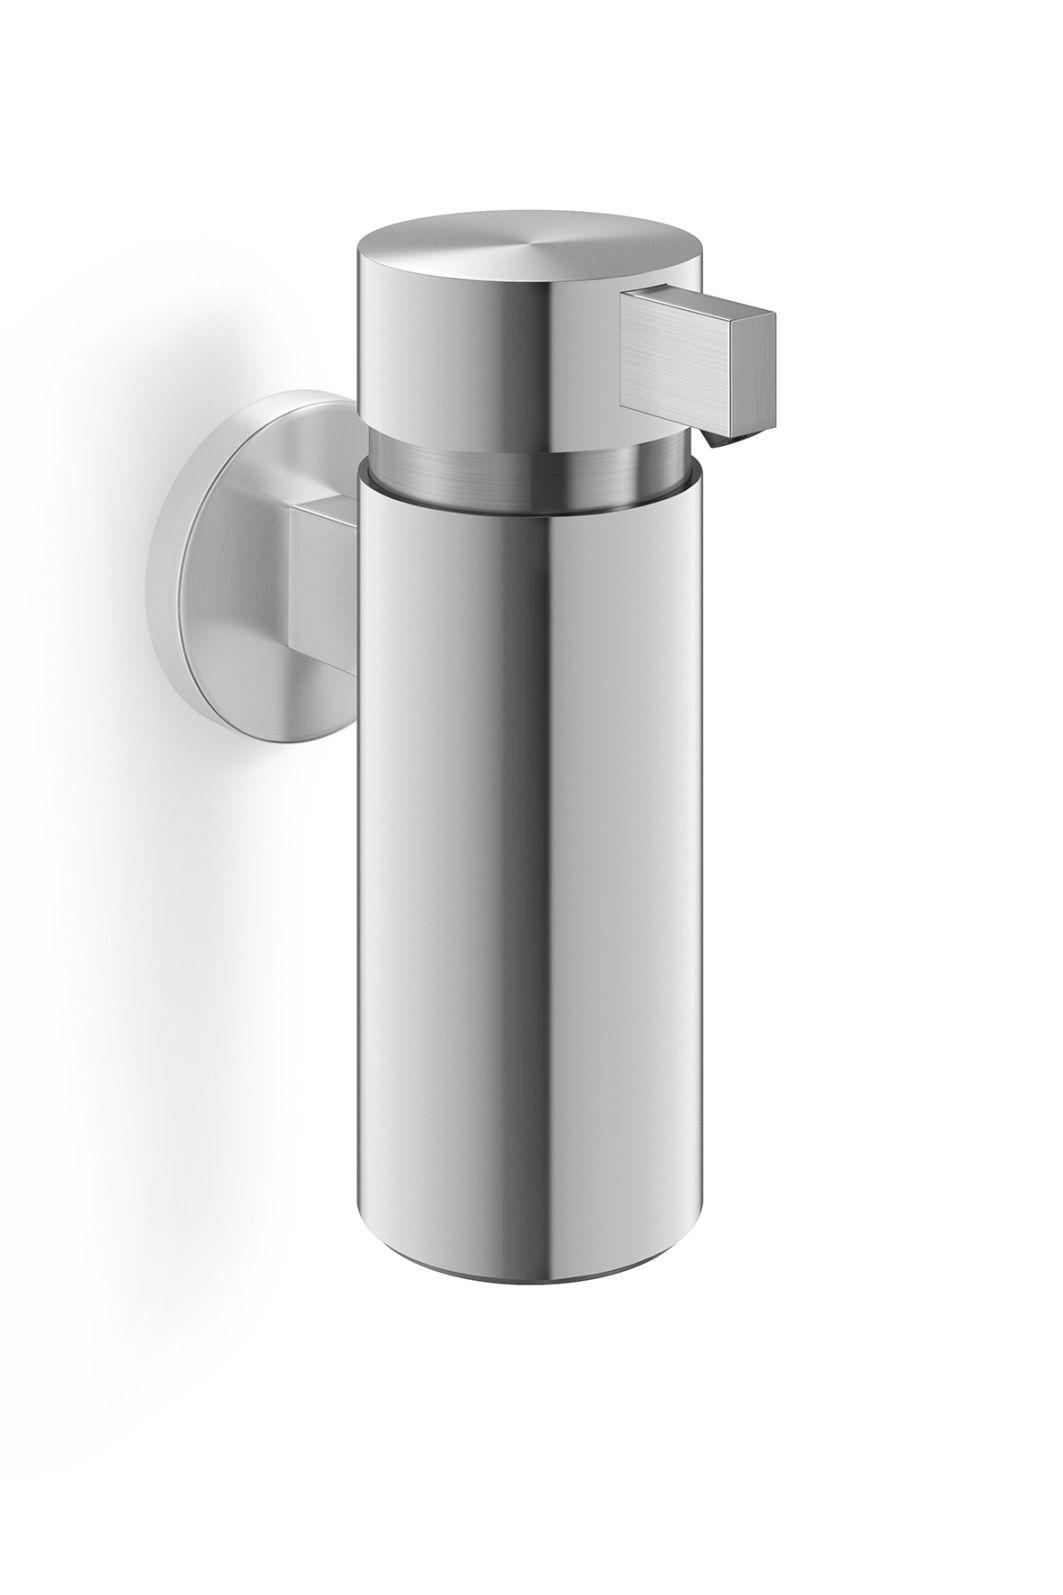 Dávkovač na mýdlo TORES 200 ml, nástěnný - ZACK